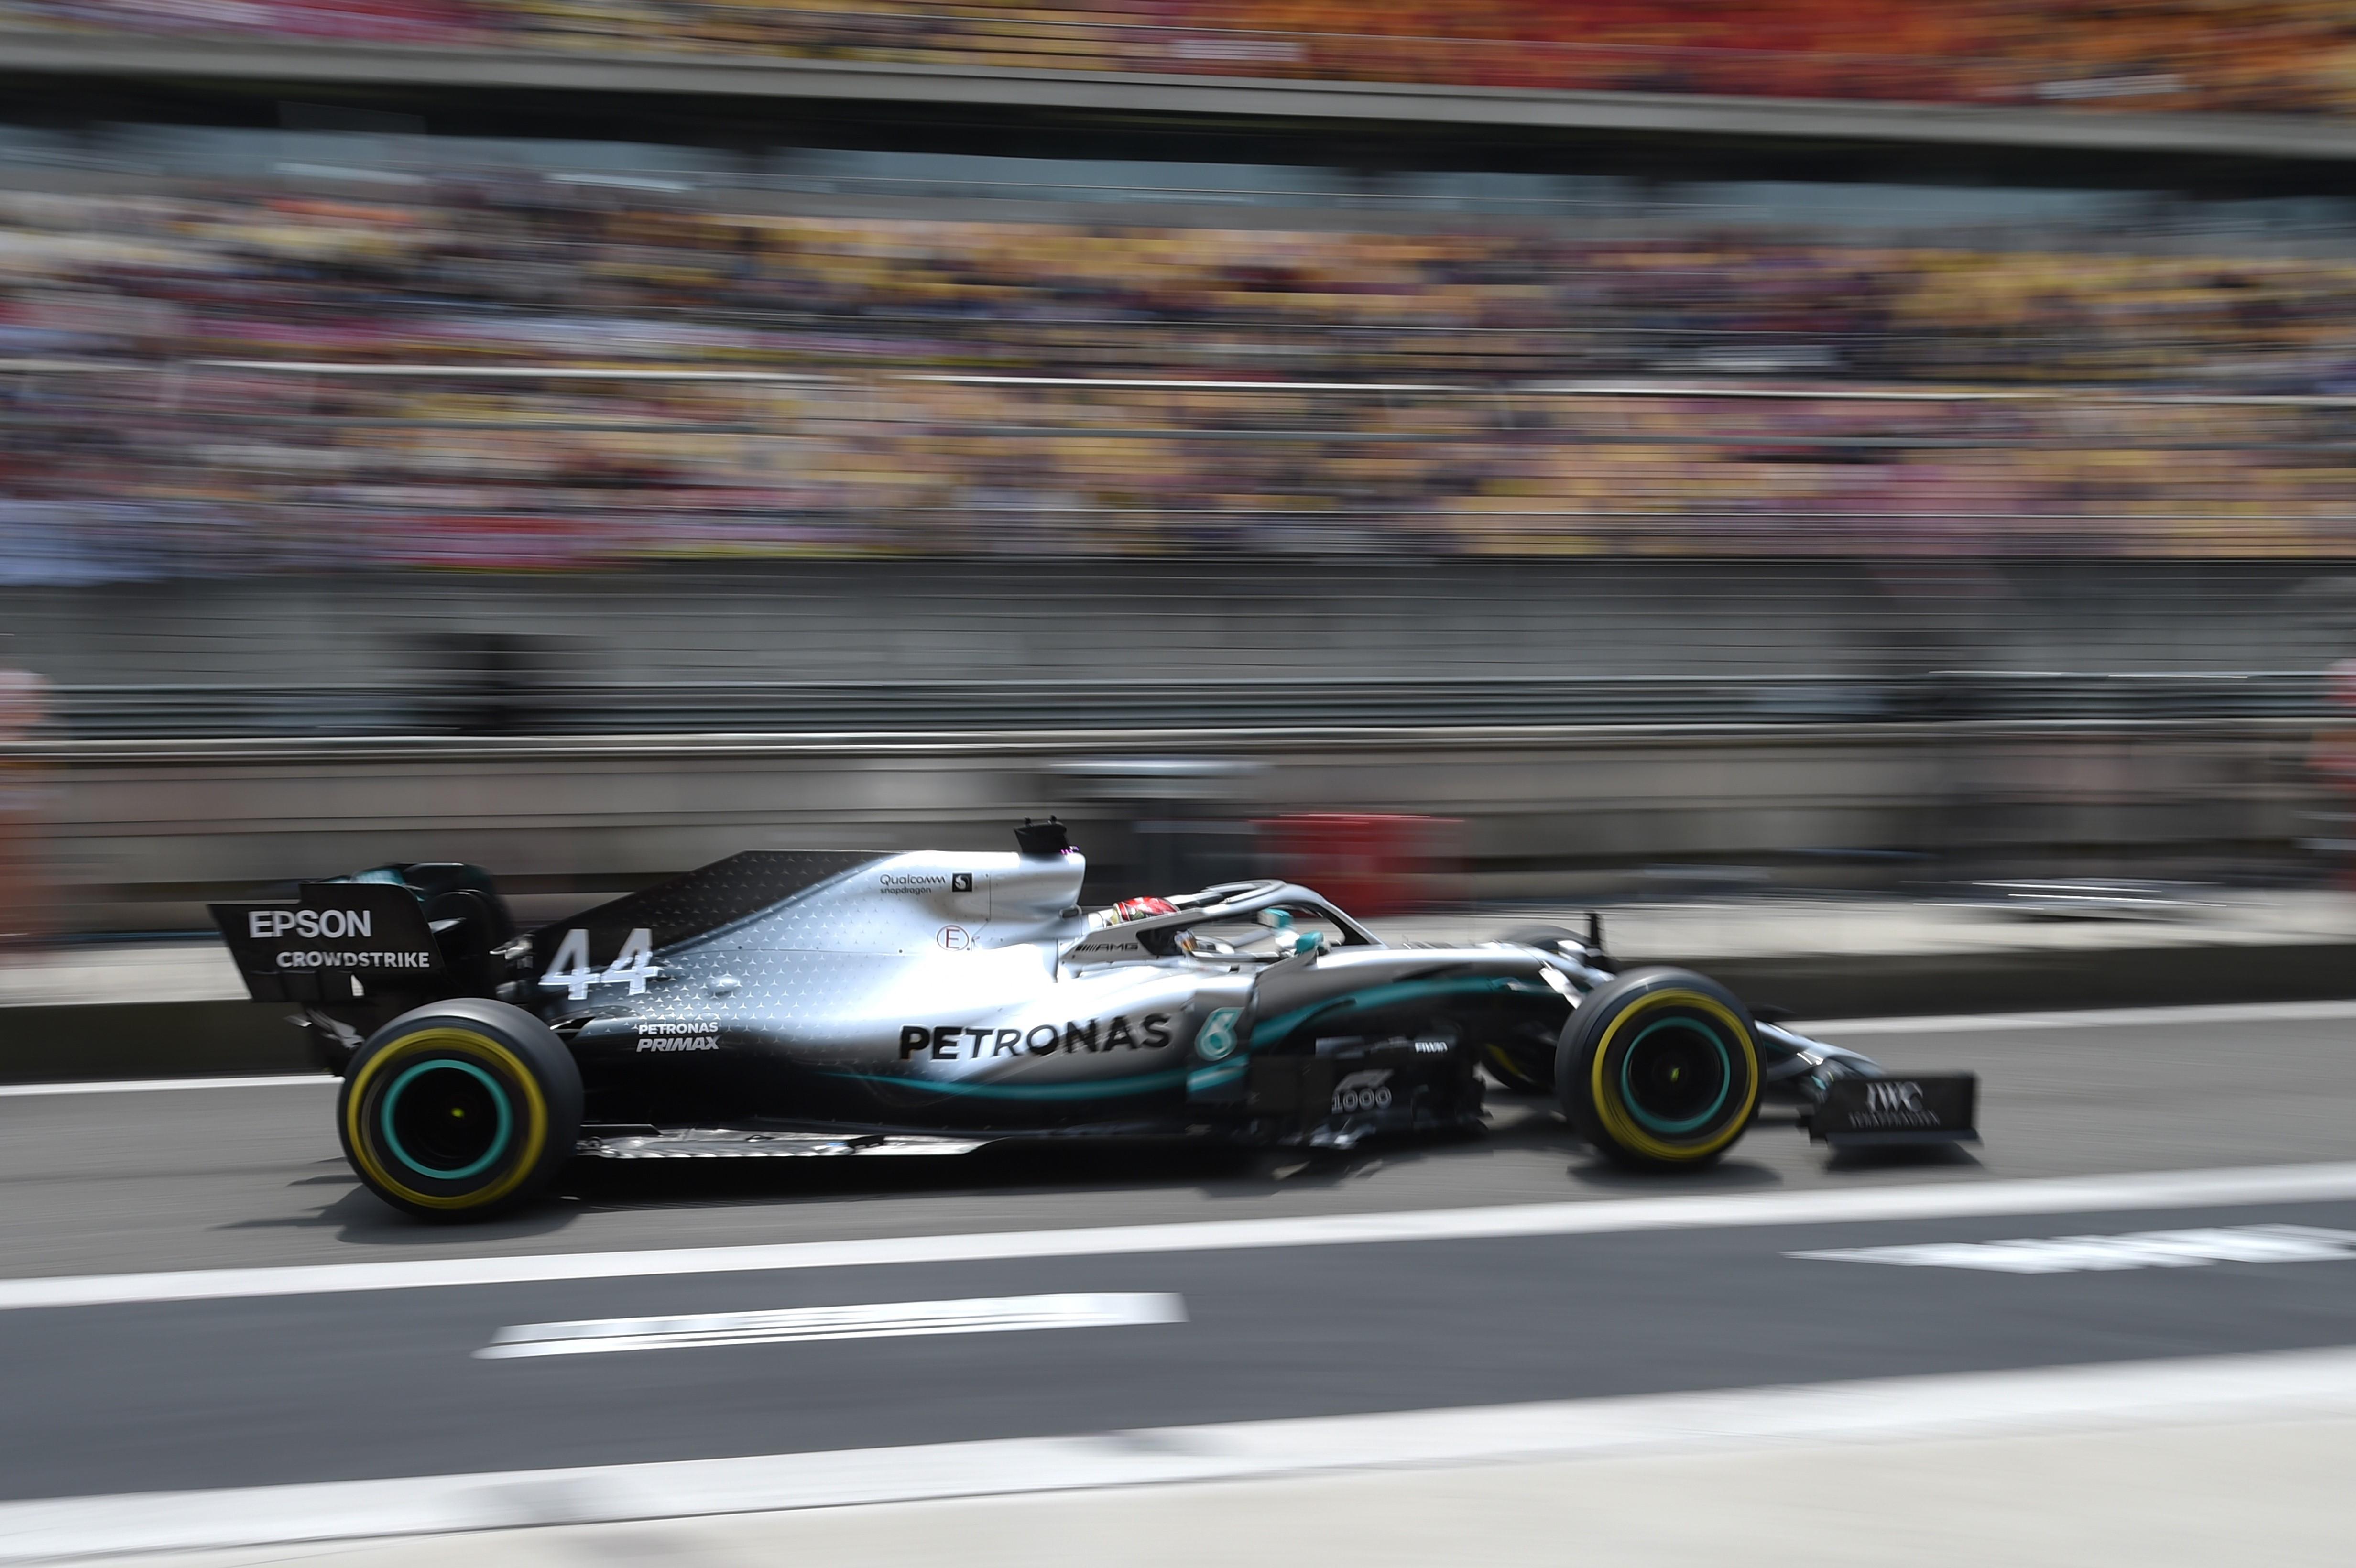 Lewis Hamilton (Mercedes) au Grand Prix de Chine 2019